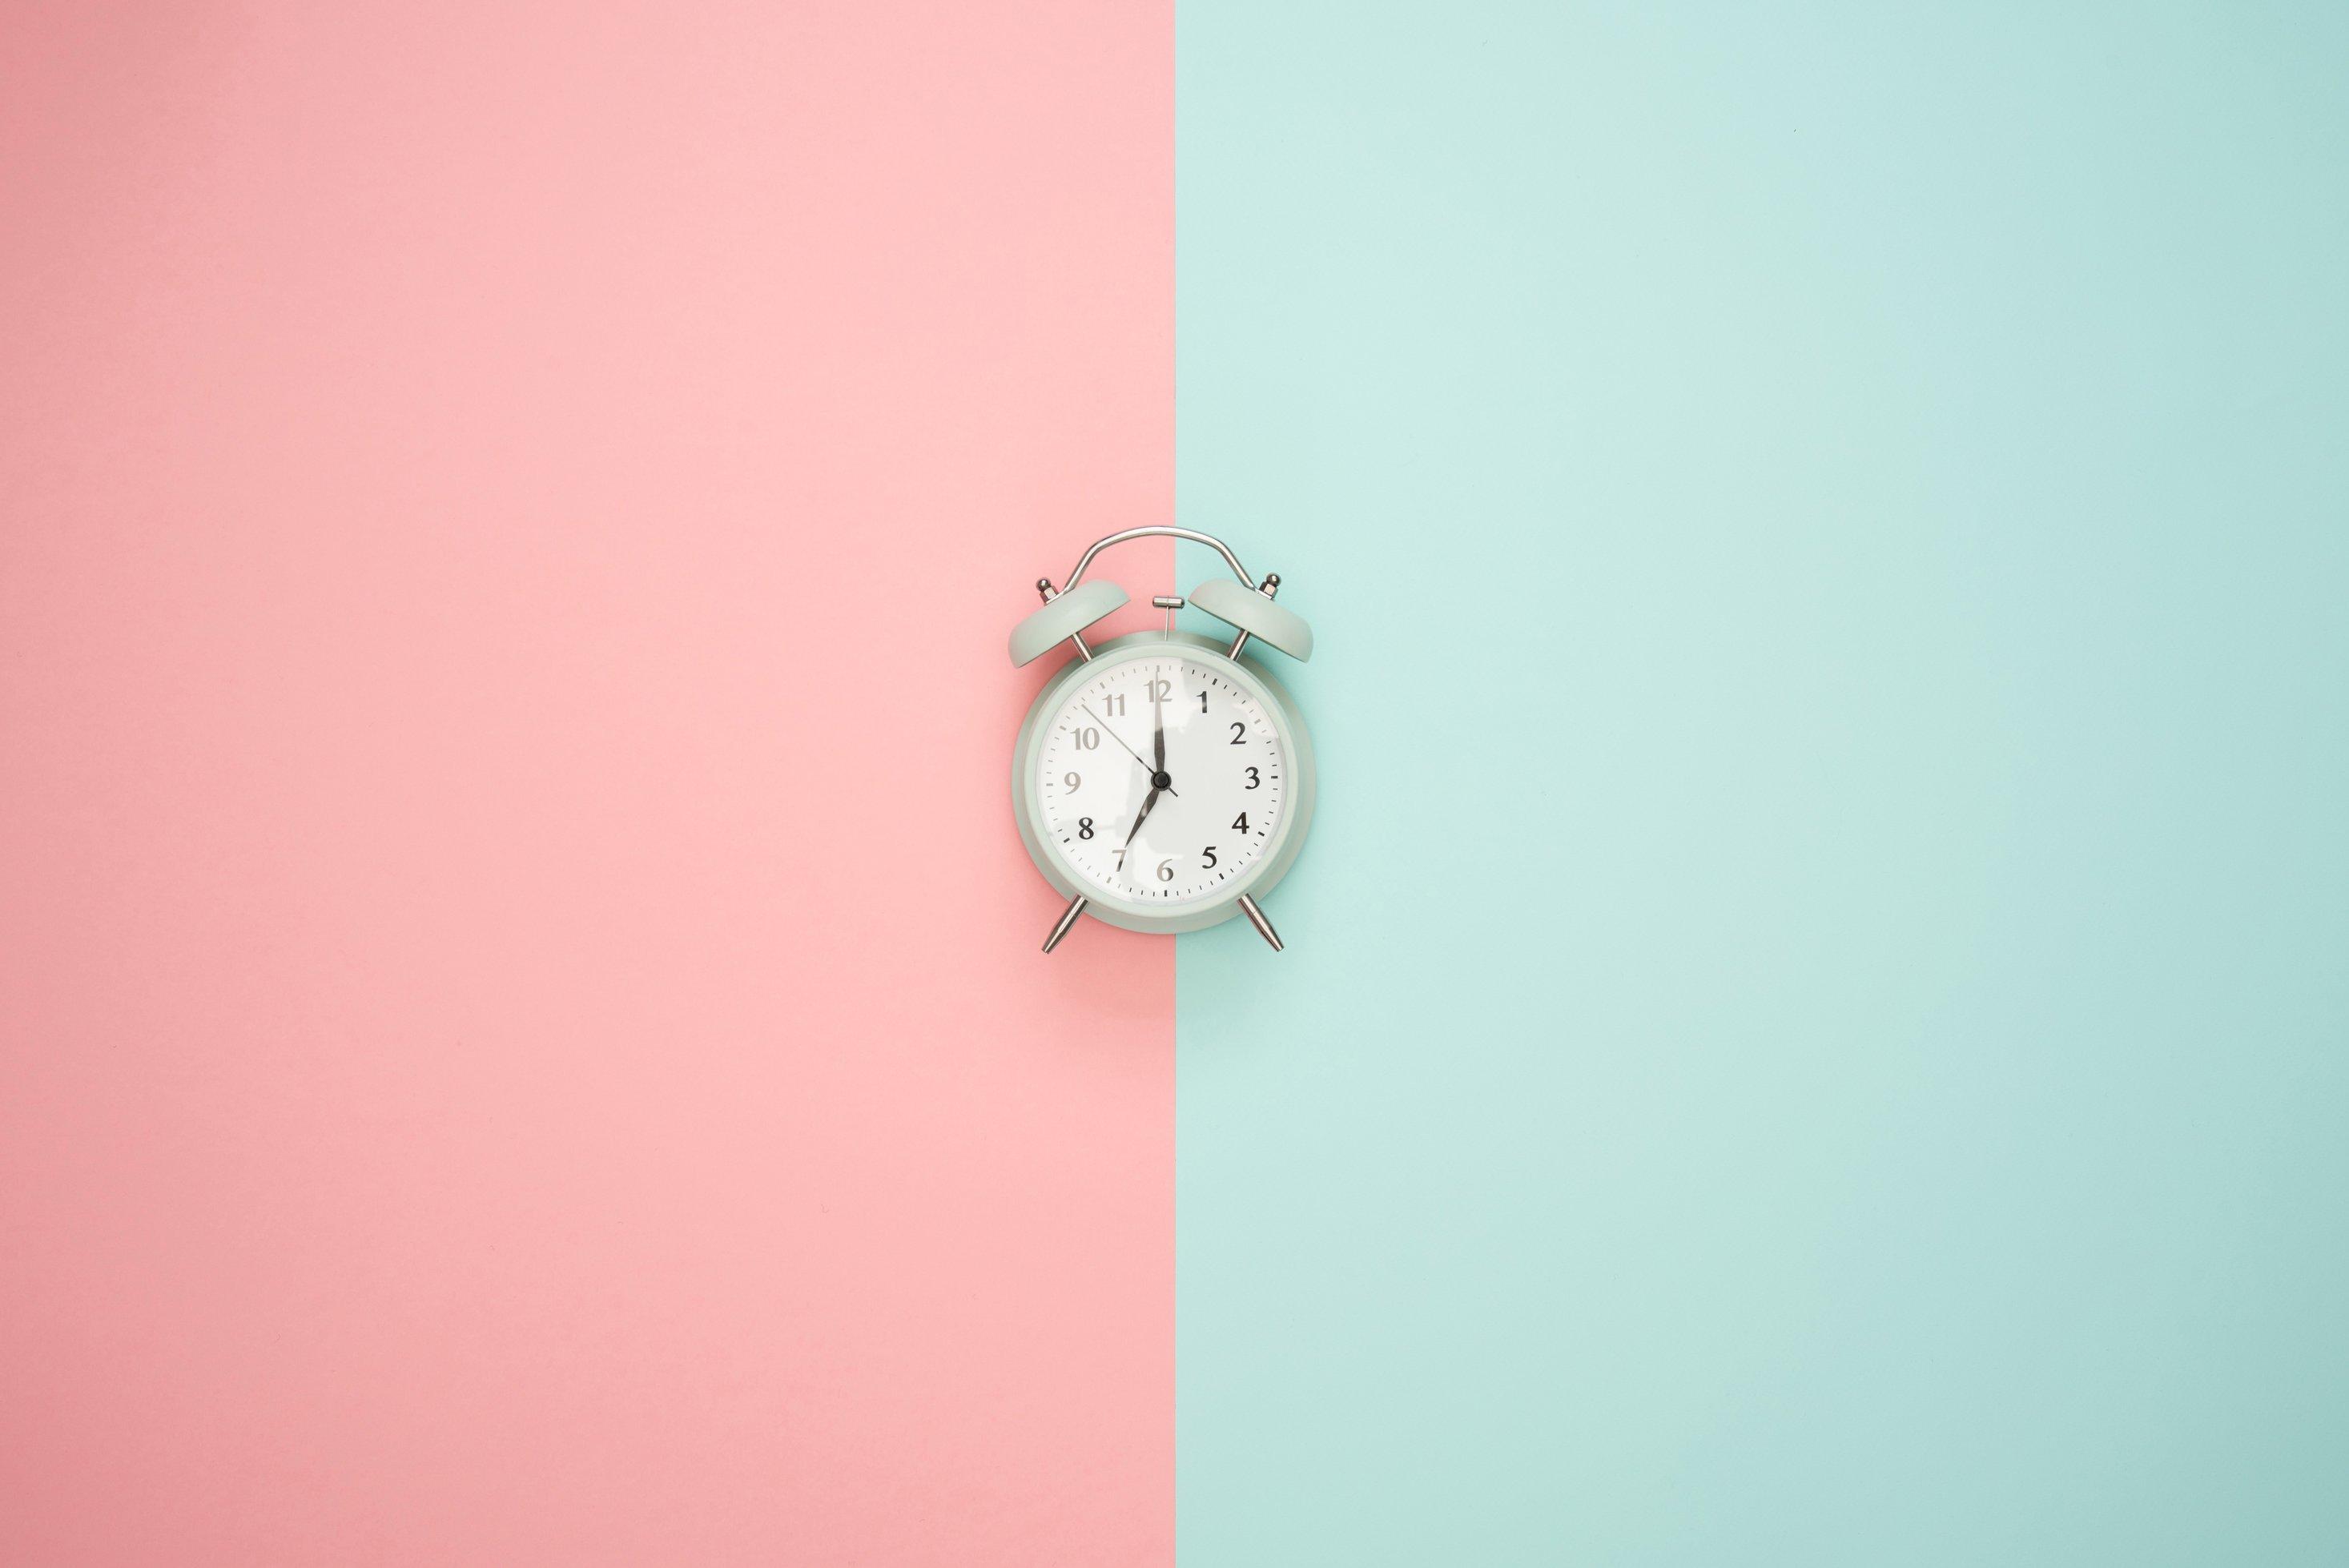 cuántas horas trabajamos en realidad?